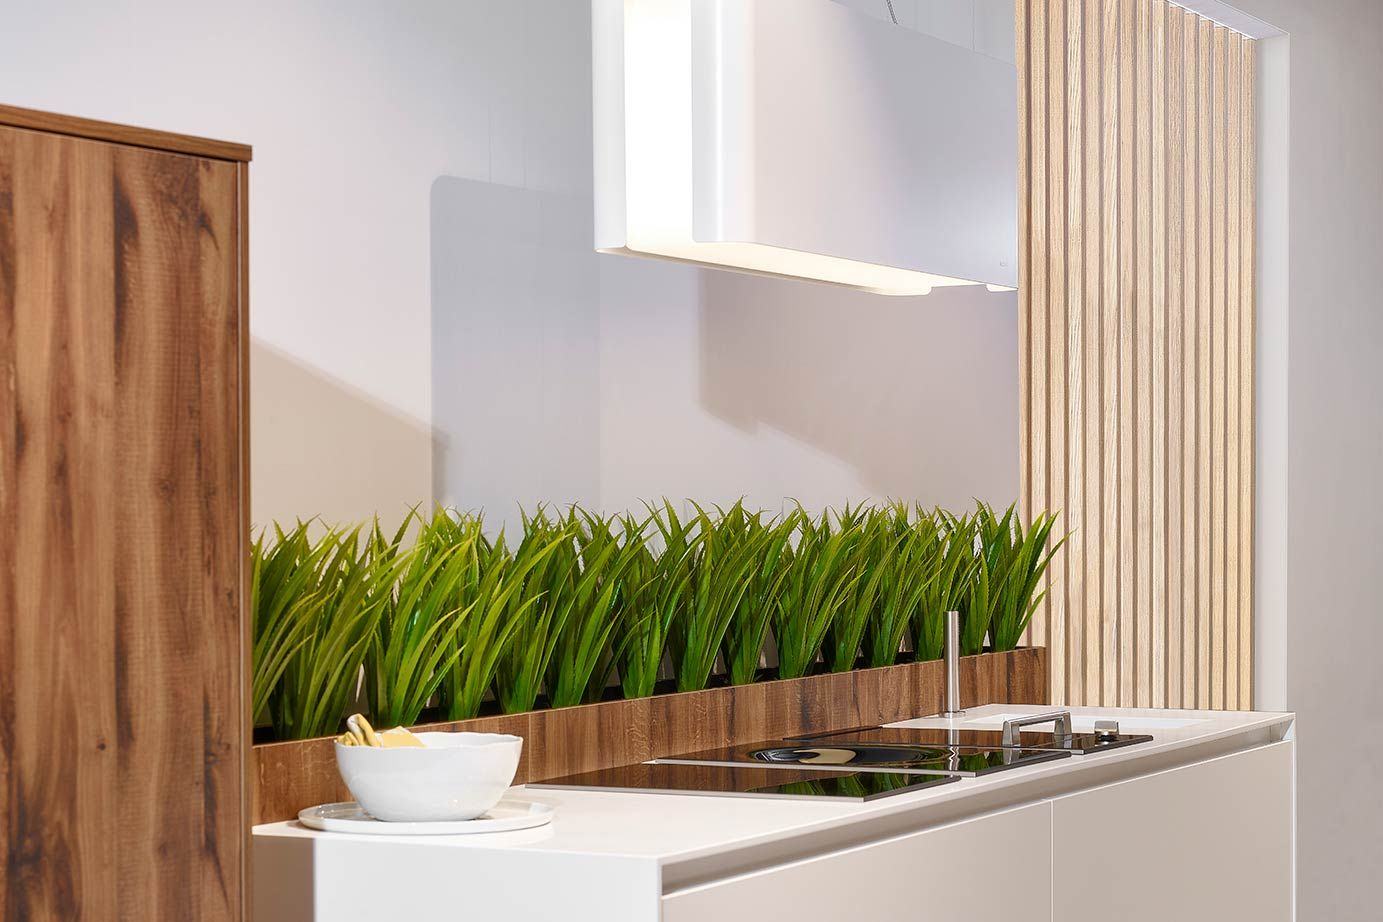 Luxe moderne keuken in parallelle opstelling